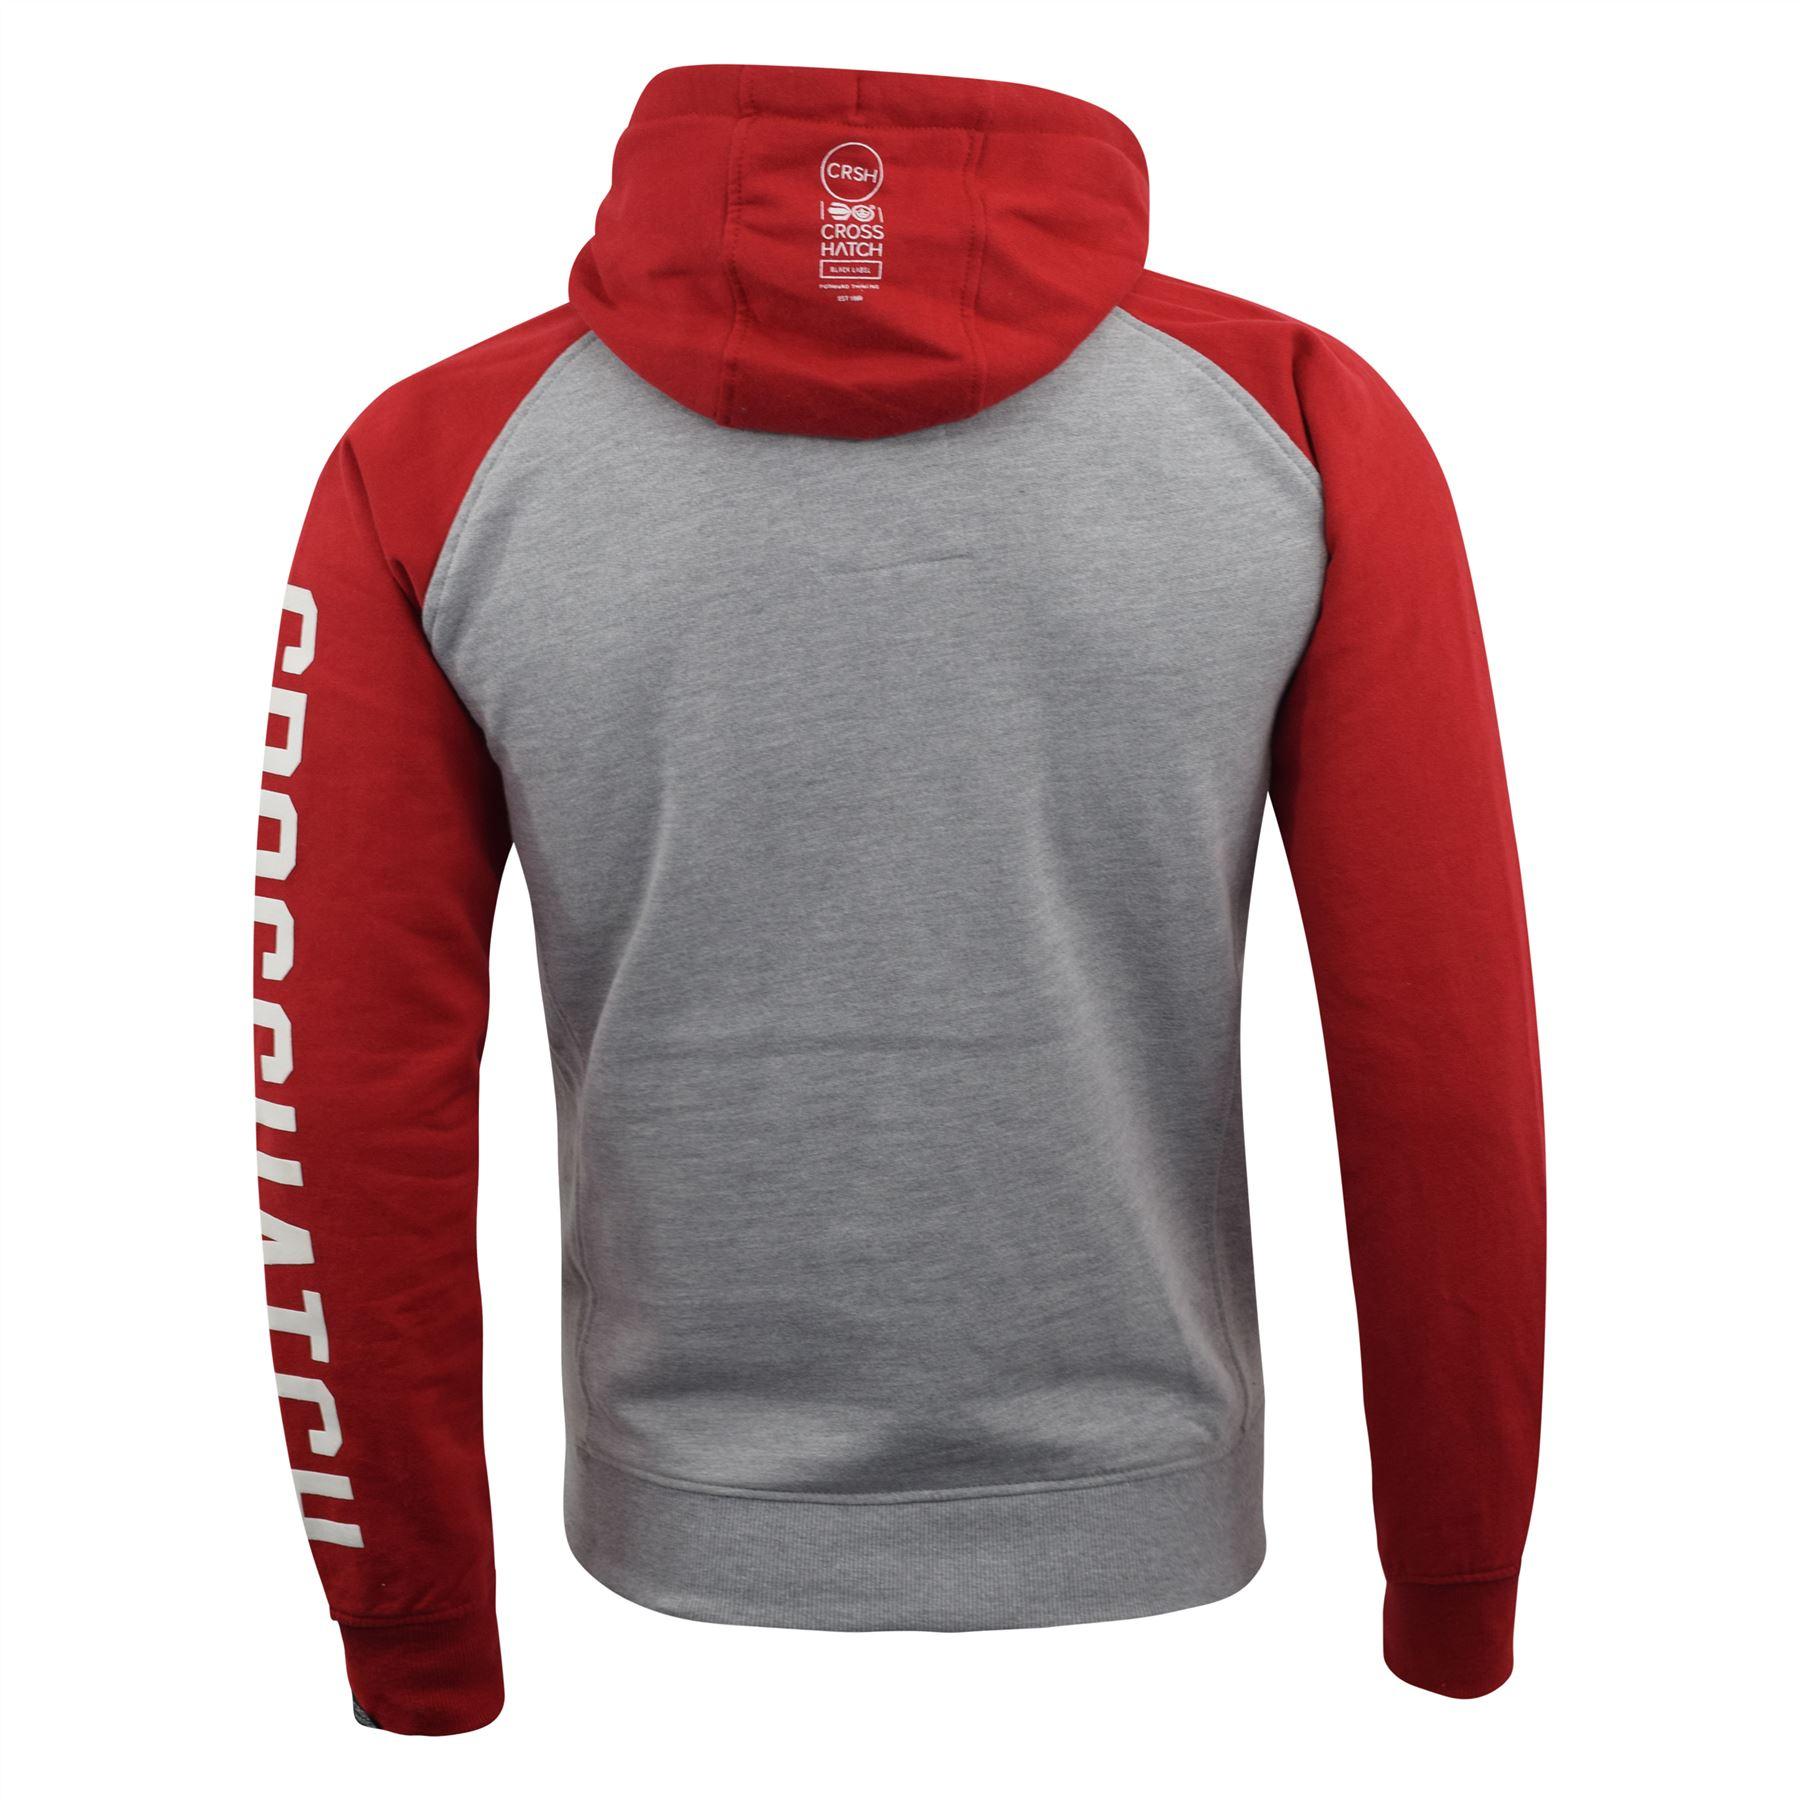 Mens-Hoodie-Crosshatch-Sweatshirt-Hooded-Jumper-Top-Pullover-TEMPTONS thumbnail 10